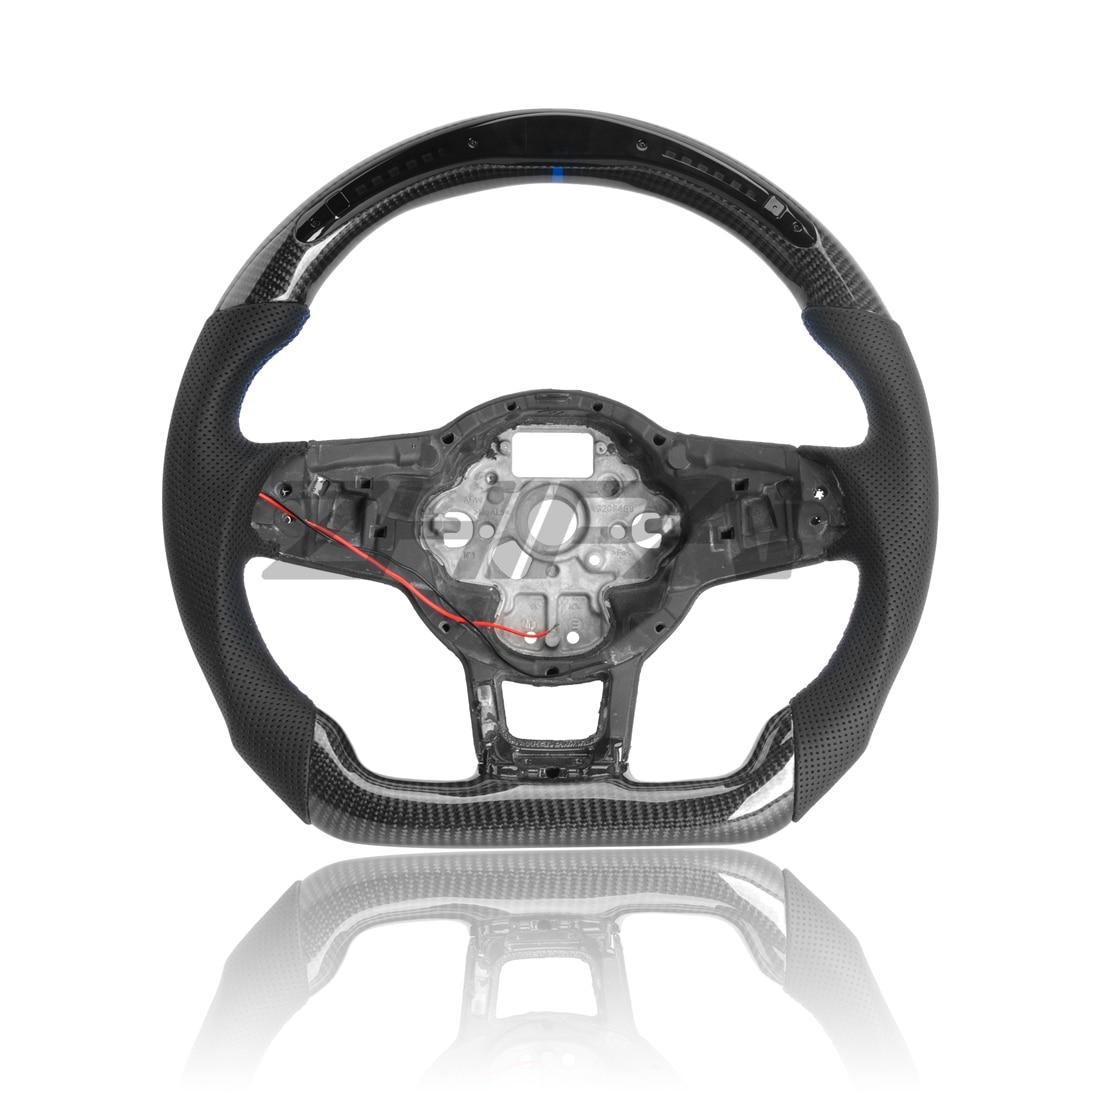 ألياف الكربون عجلة القيادة ل MK7.5 GTI R ل Volkswagen Golf MK7 محاطة جلد مثقب مع LED عجلة القيادة